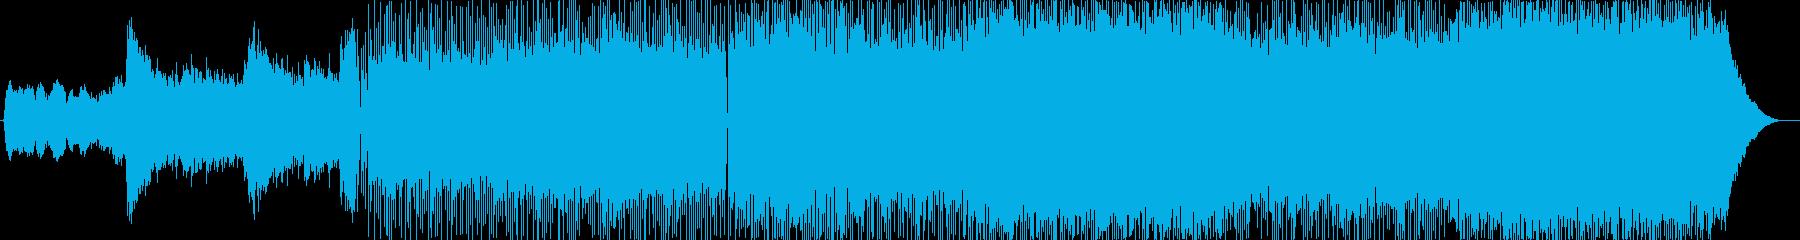 バトル系ロックギターBGMの再生済みの波形